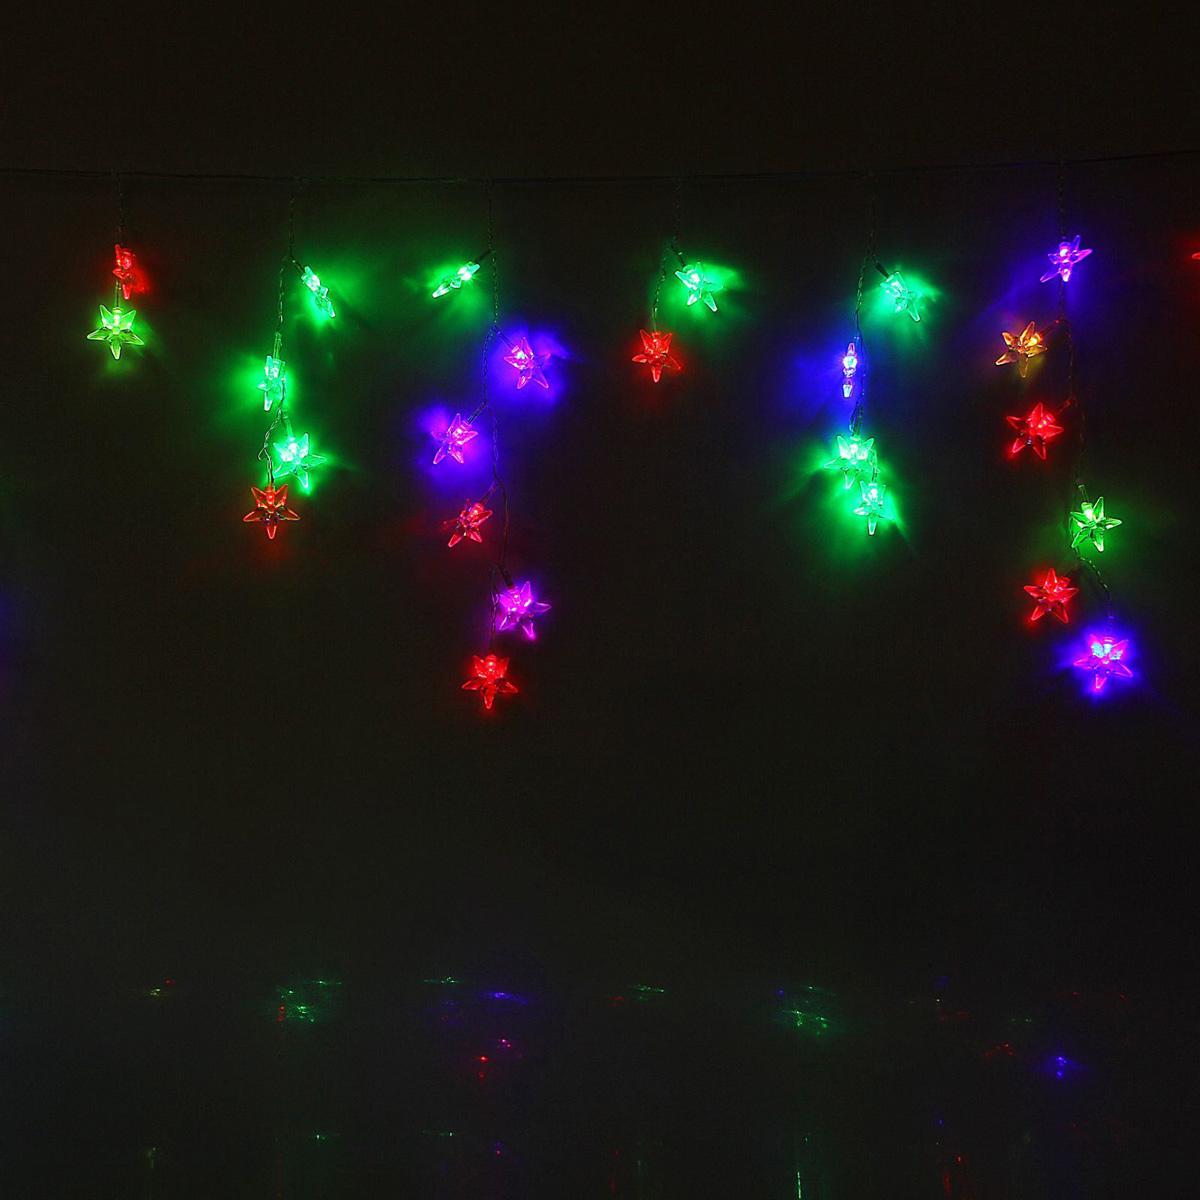 Гирлянда светодиодная Luazon Бахрома. Звезда средняя, 48 ламп, 220 V, цвет: мультиколор, 1,4 х 0,3 м. 10804401080440Светодиодные гирлянды, ленты и т.д — это отличный вариант для новогоднего оформления интерьера или фасада. С их помощью помещение любого размера можно превратить в праздничный зал, а внешние элементы зданий, украшенные ими, мгновенно станут напоминать очертания сказочного дворца. Такие украшения создают ауру предвкушения чуда. Деревья, фасады, витрины, окна и арки будто специально созданы, чтобы вы украсили их светящимися нитями.